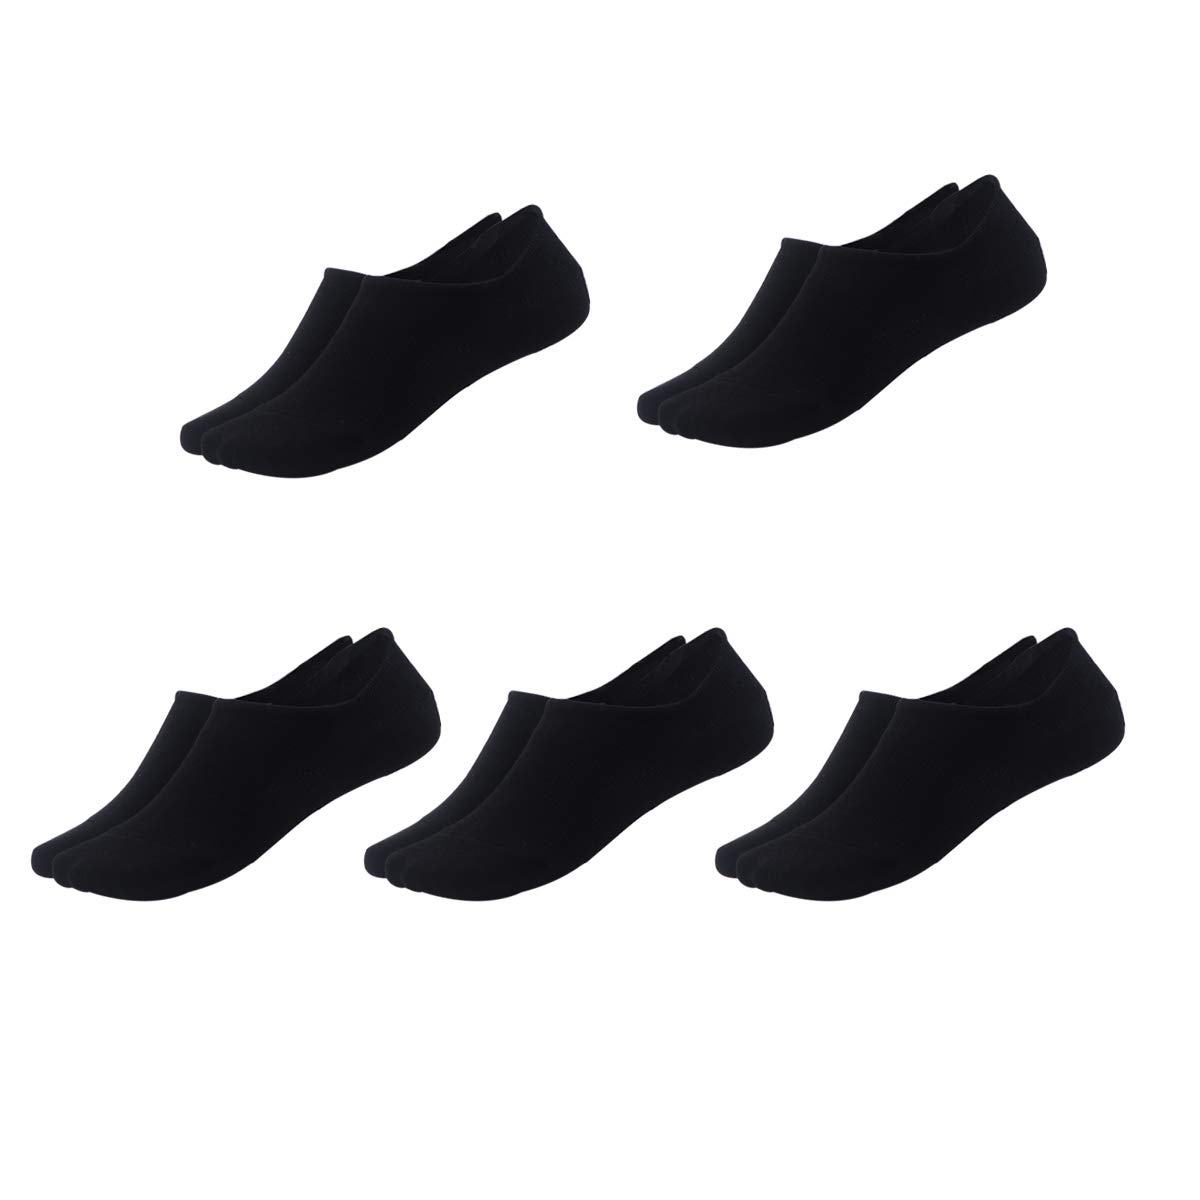 Low Cut Liner Socks